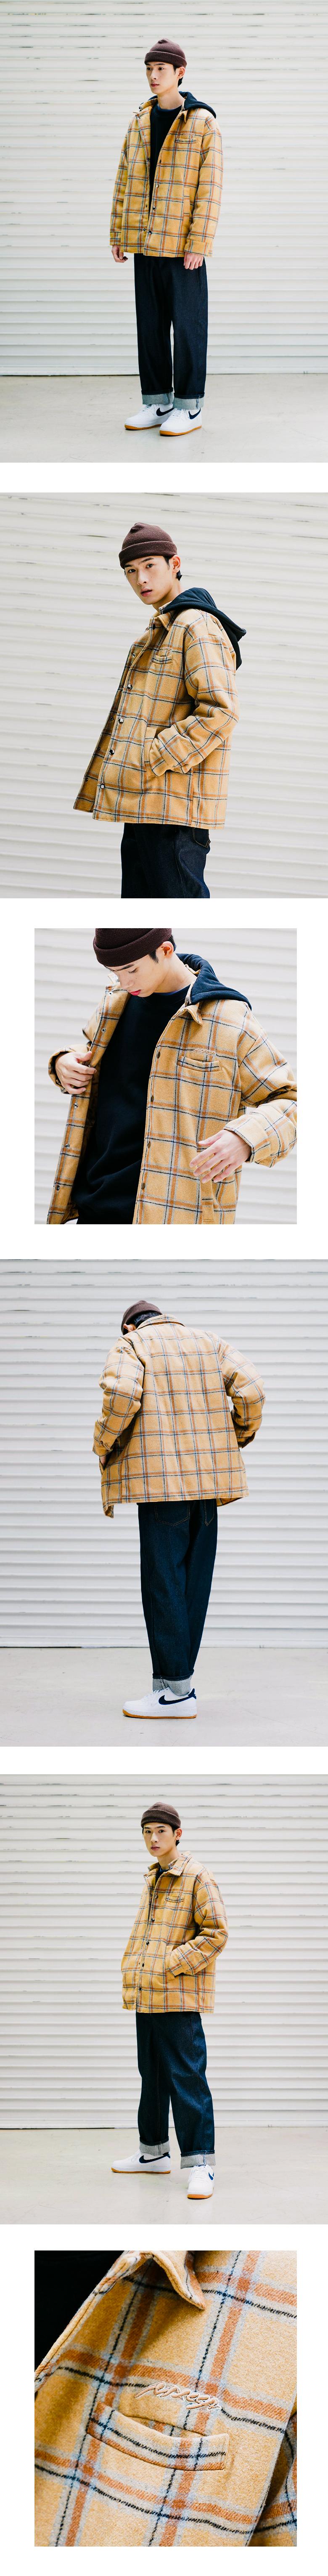 KHOT6104_model_beige.jpg